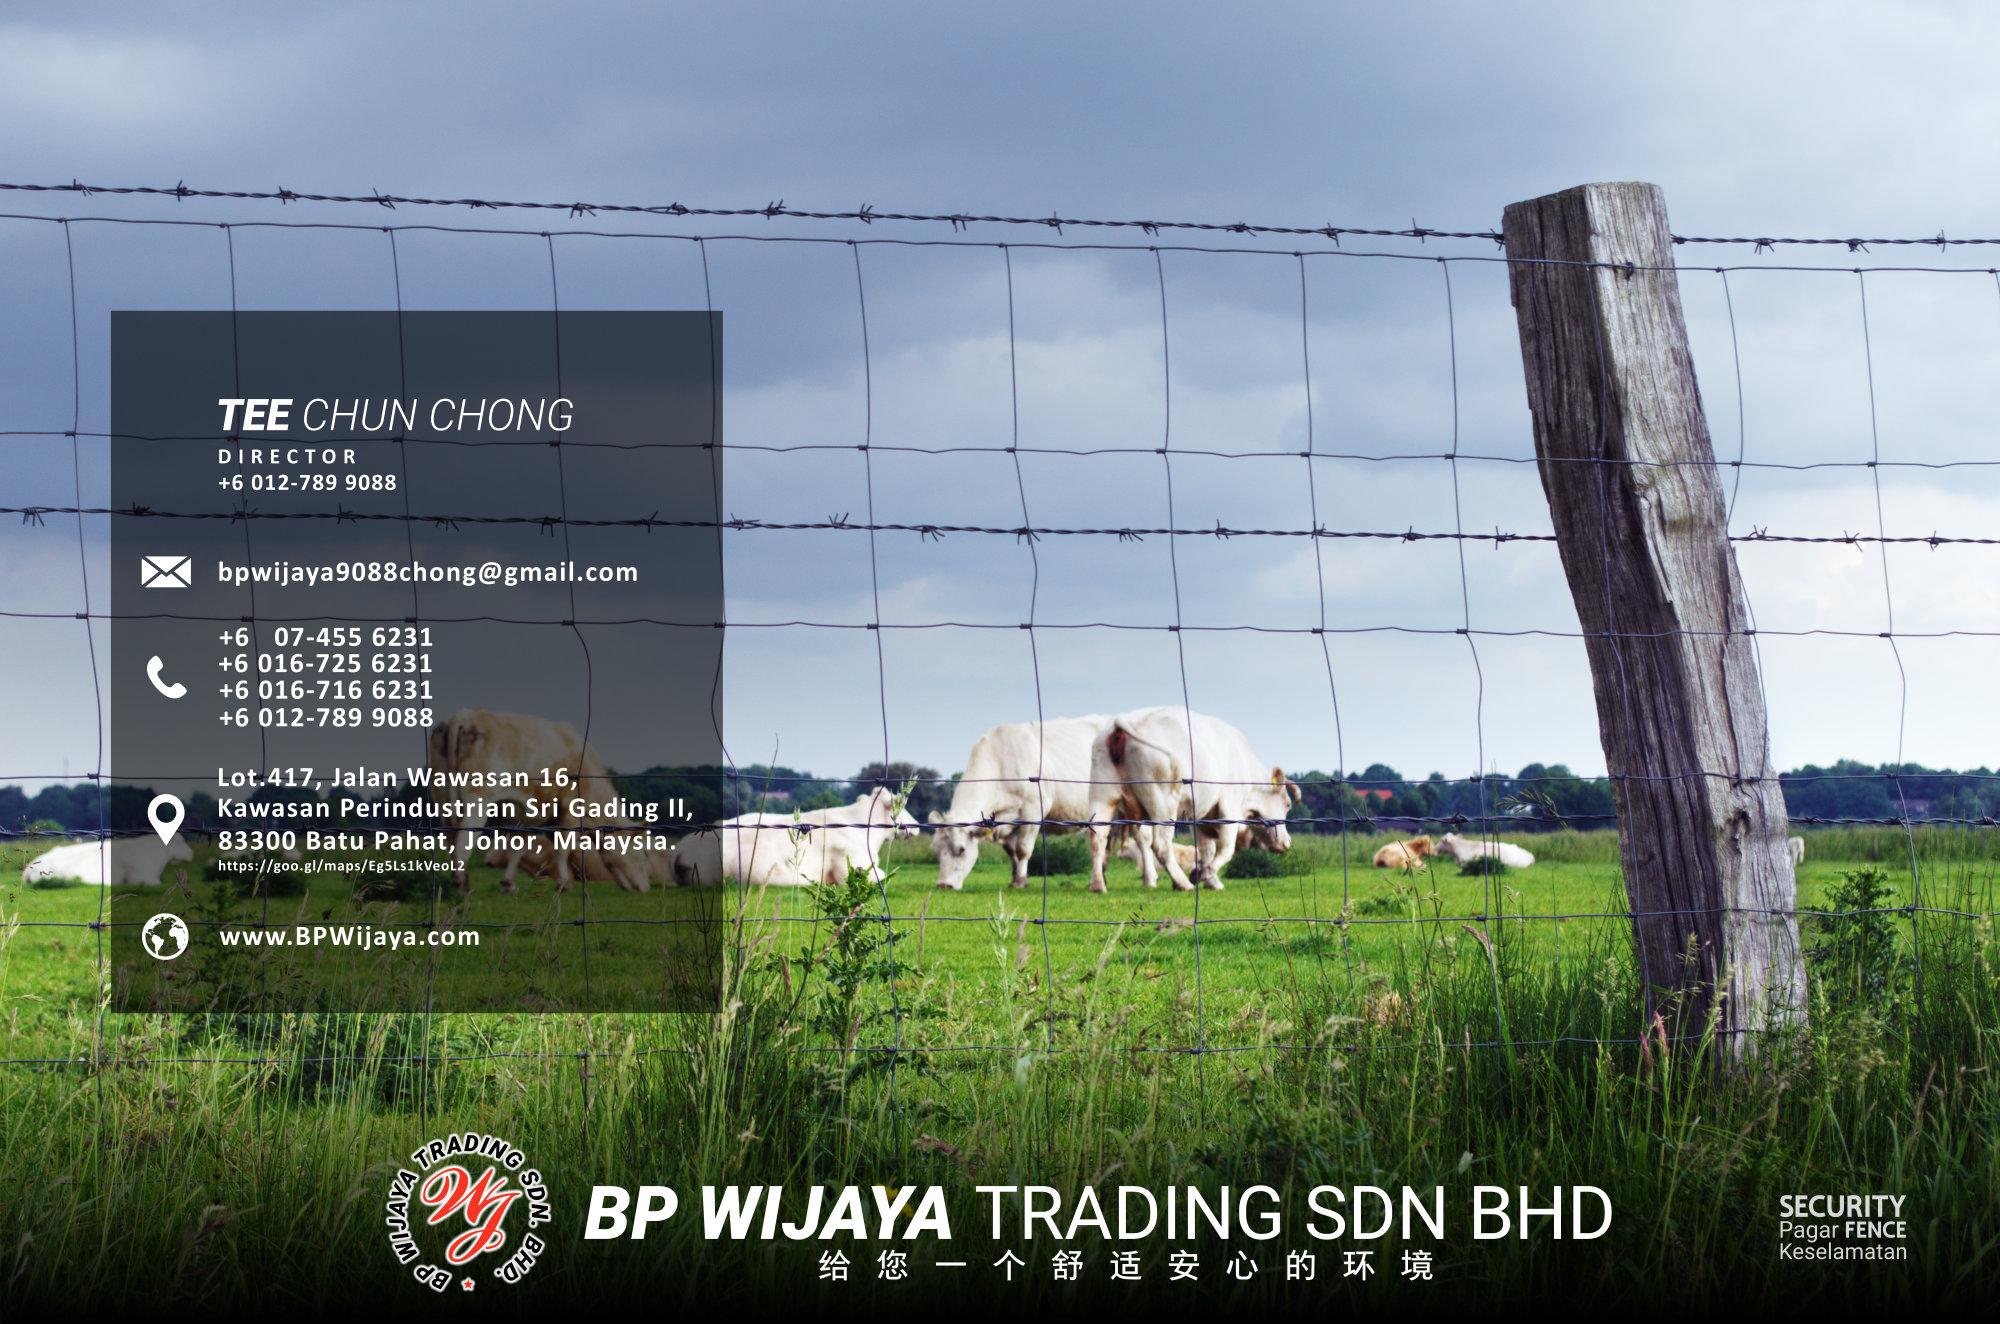 吉隆坡安全篱笆供应商 - 我们是安全篱笆制造商 BP Wijaya Trading Sdn Bhd 住家围栏篱笆 提供 吉隆坡篱笆 建筑材料 给 发展商 花园 公寓 住家 工厂 农场 果园 安全藩篱 建设 A03-022